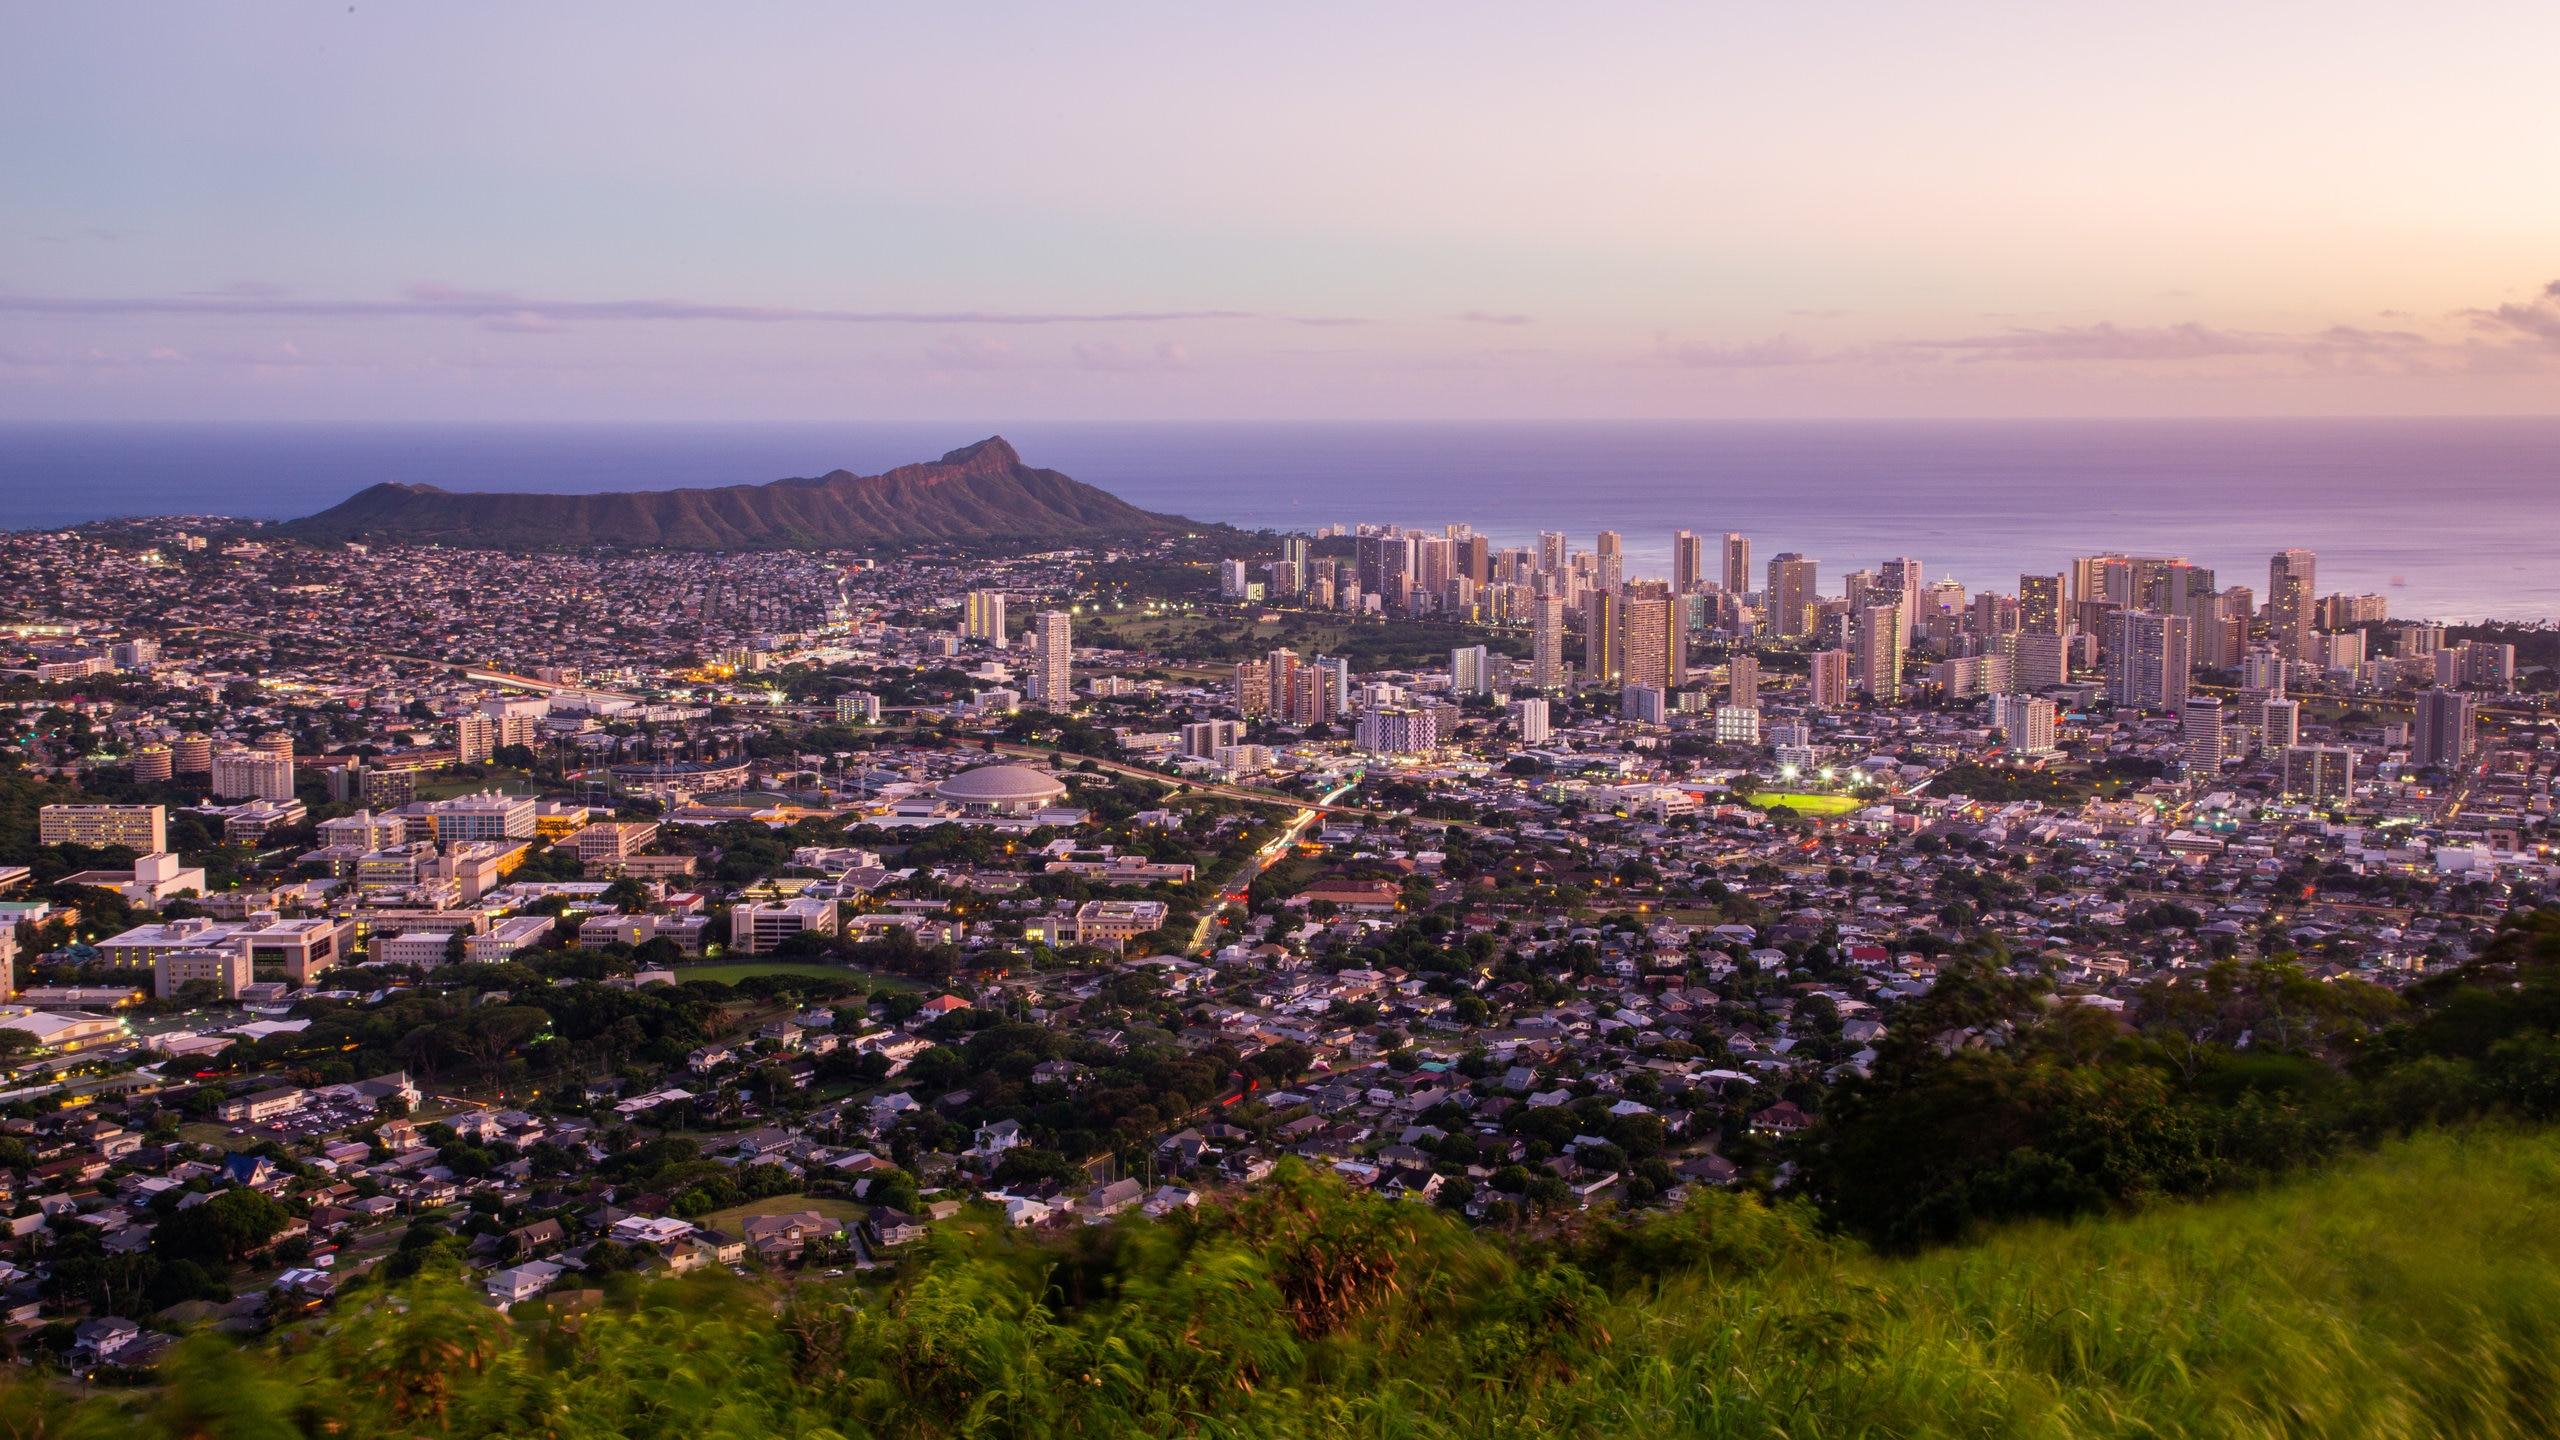 Tantalus, Honolulu, Hawaii, United States of America